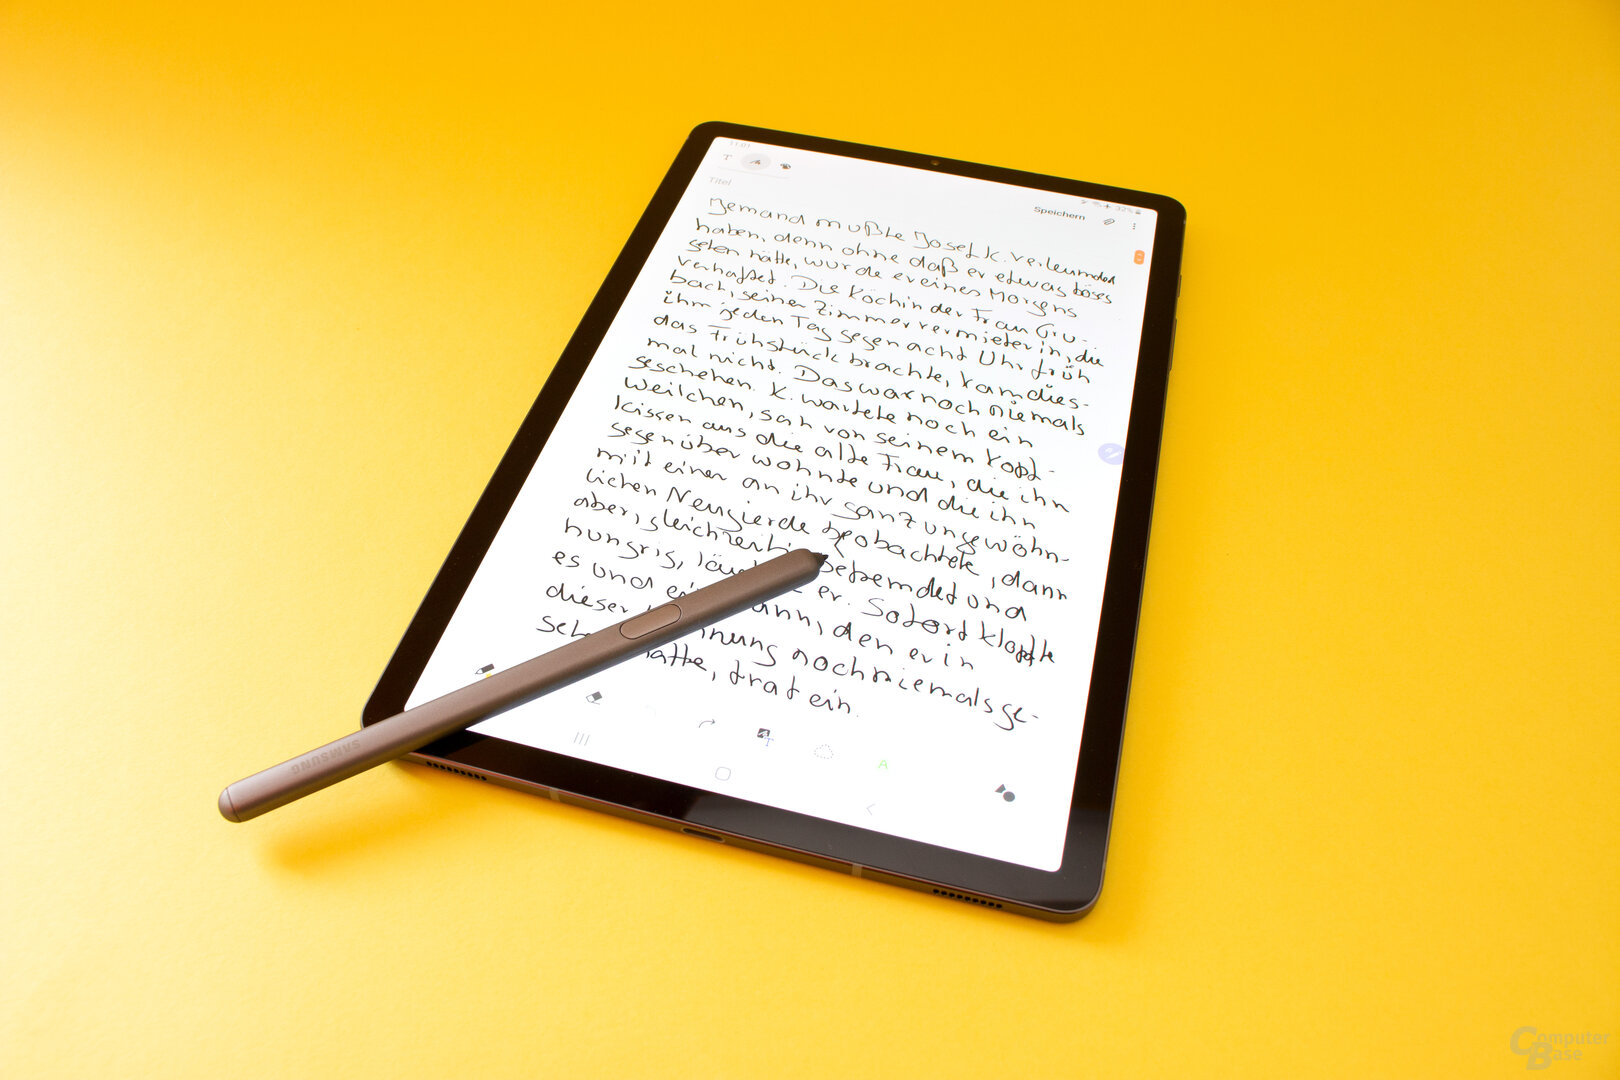 Mit dem neuen S Pen lässt sich auf dem Galaxy Tab S6 gut schreiben